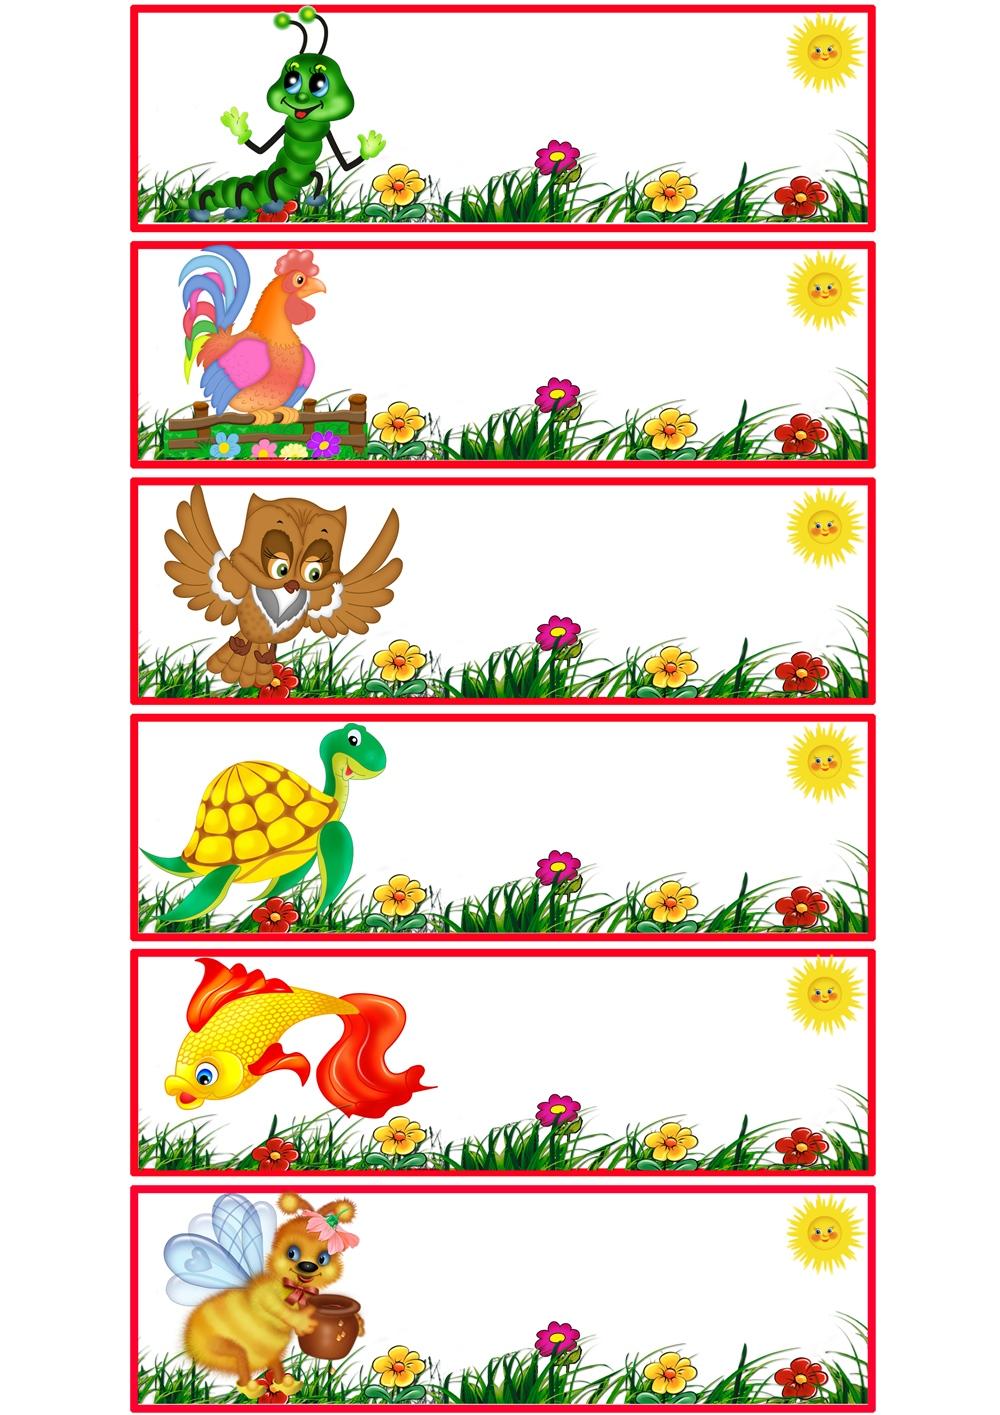 Картинки на шкафчики в детский сад с надписью, детские годами